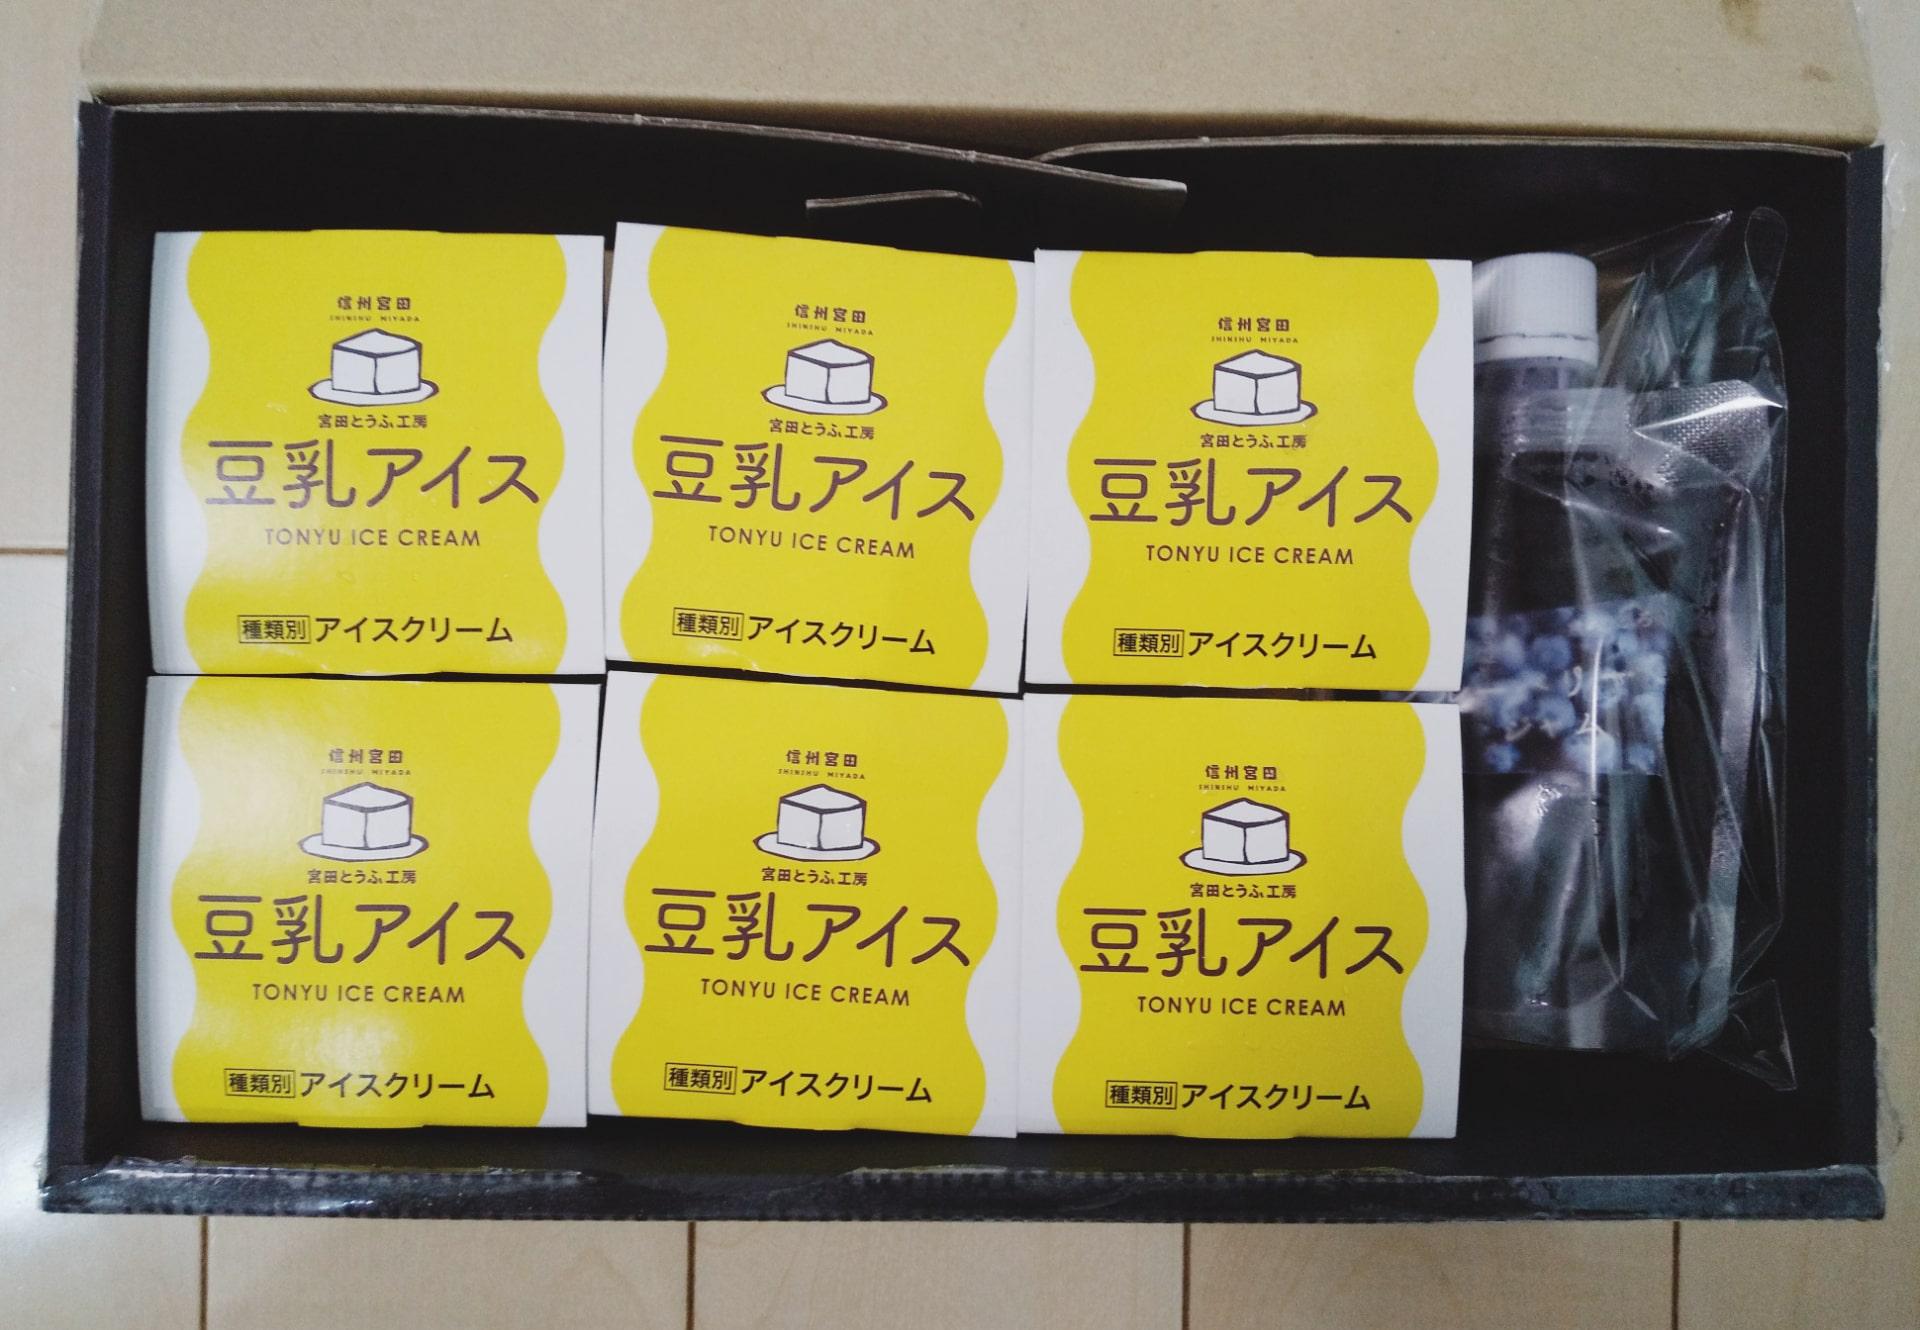 含み益3万円以上のヤマウラ(1780)から株主優待で選んだ「豆乳アイスクリームセット」が到着!